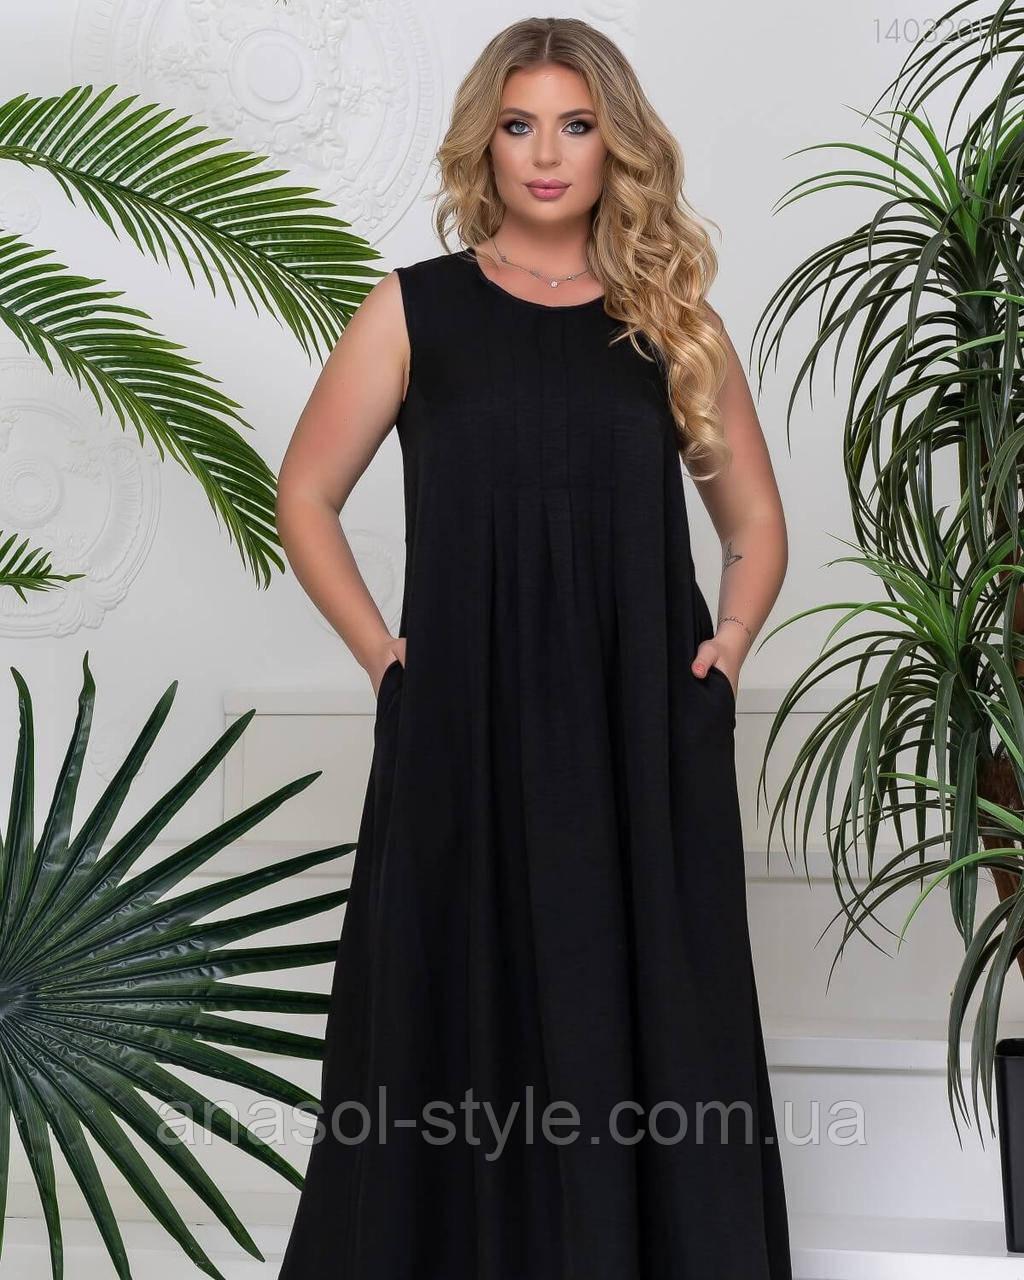 Длинное летнее платье Балларат из льняной ткани для пышных женщин черный